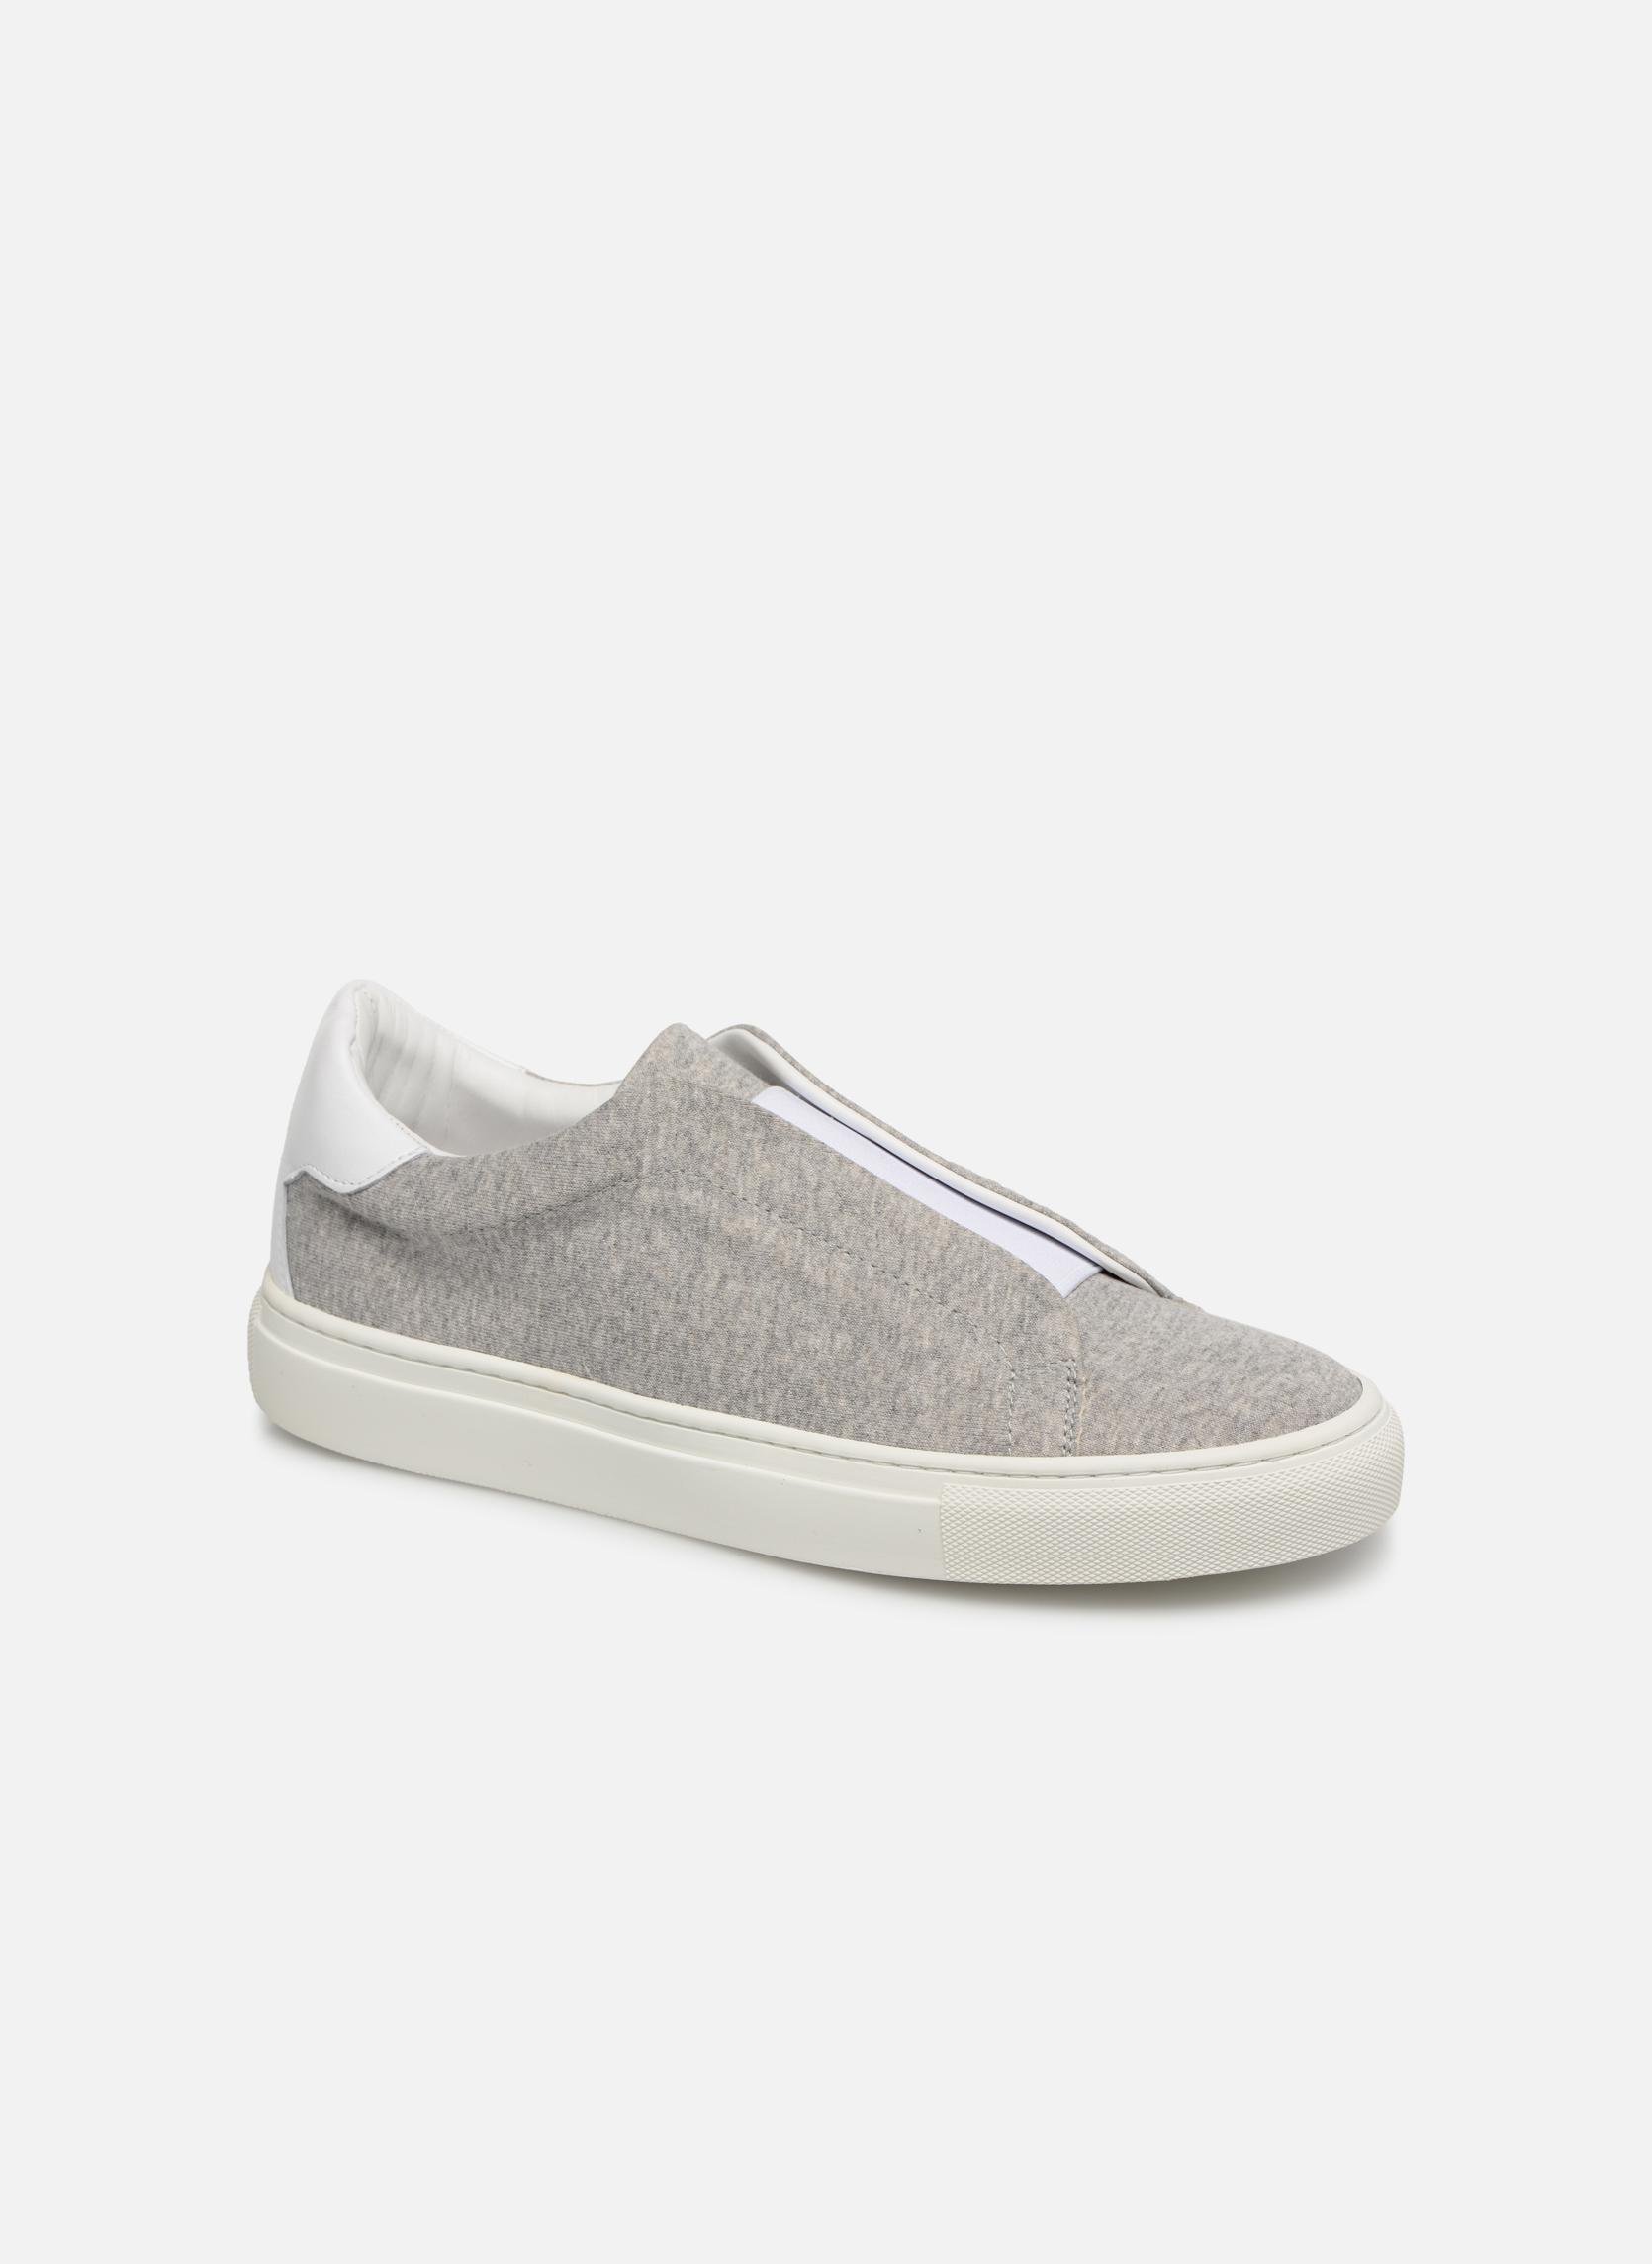 Sneakers KLÖM Grijs